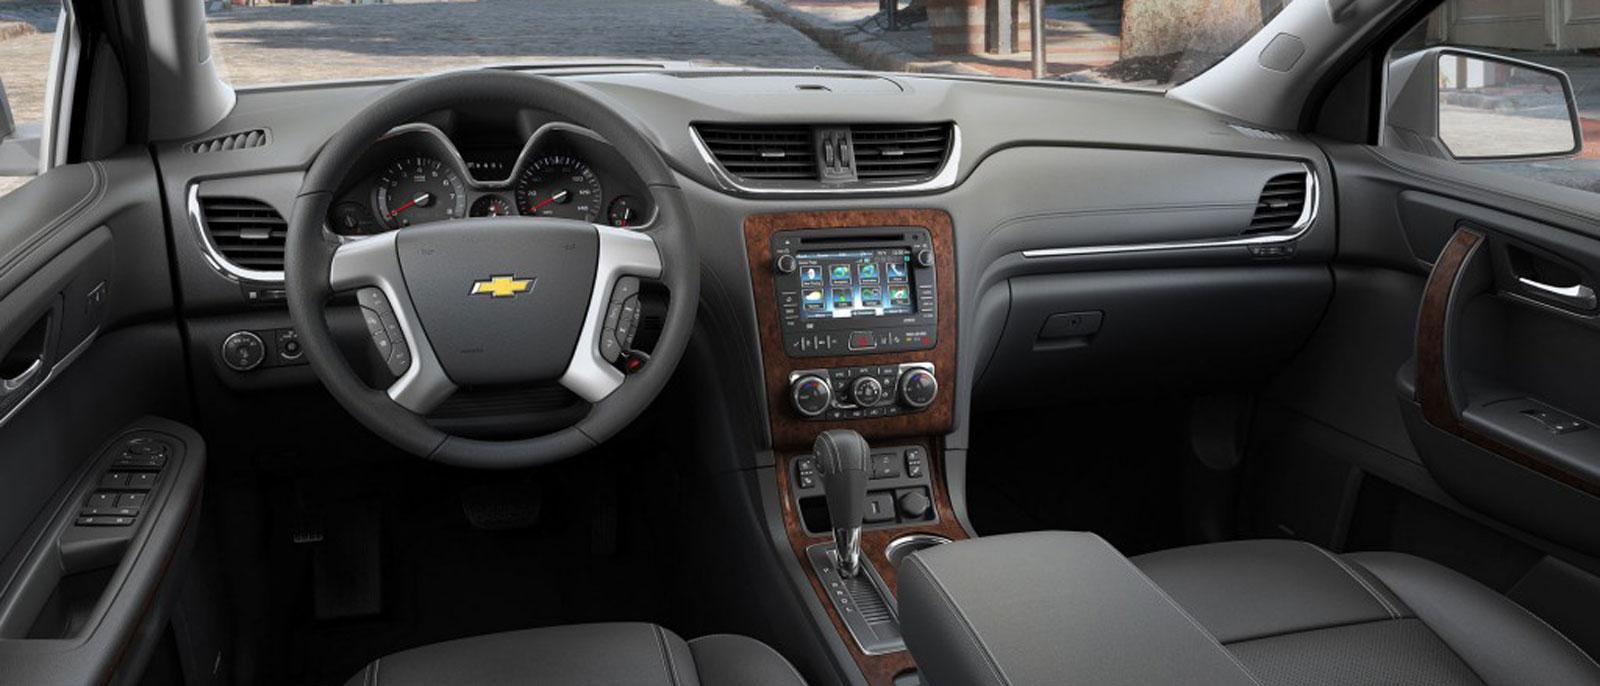 2015 Chevrolet Travese